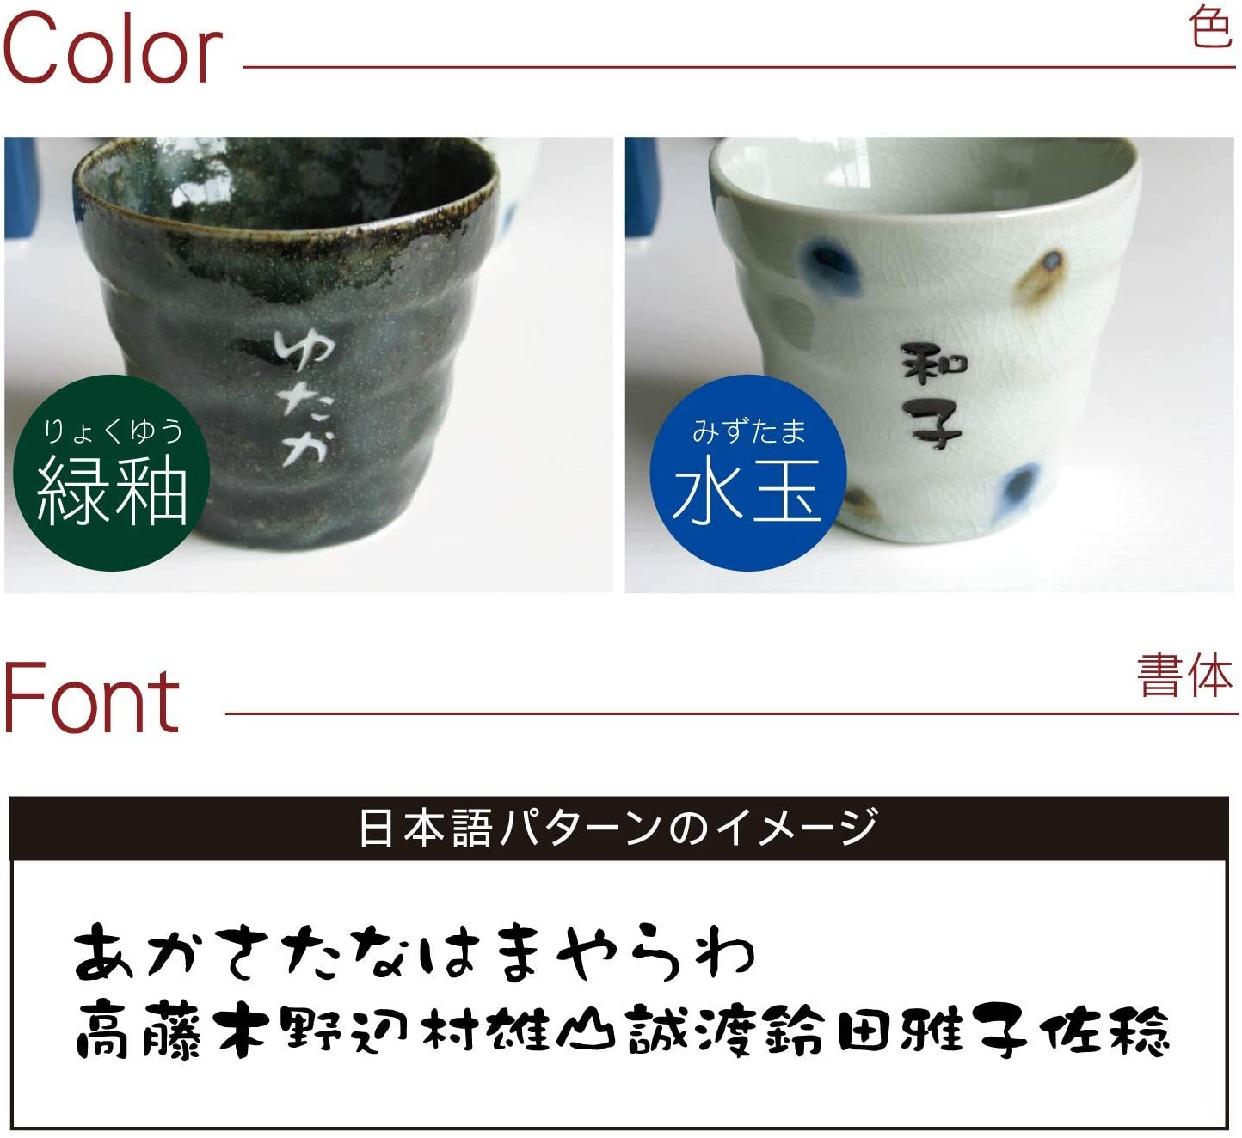 きざむ名入れ美濃焼ごろりん焼酎ロックカップ 緑釉の商品画像3